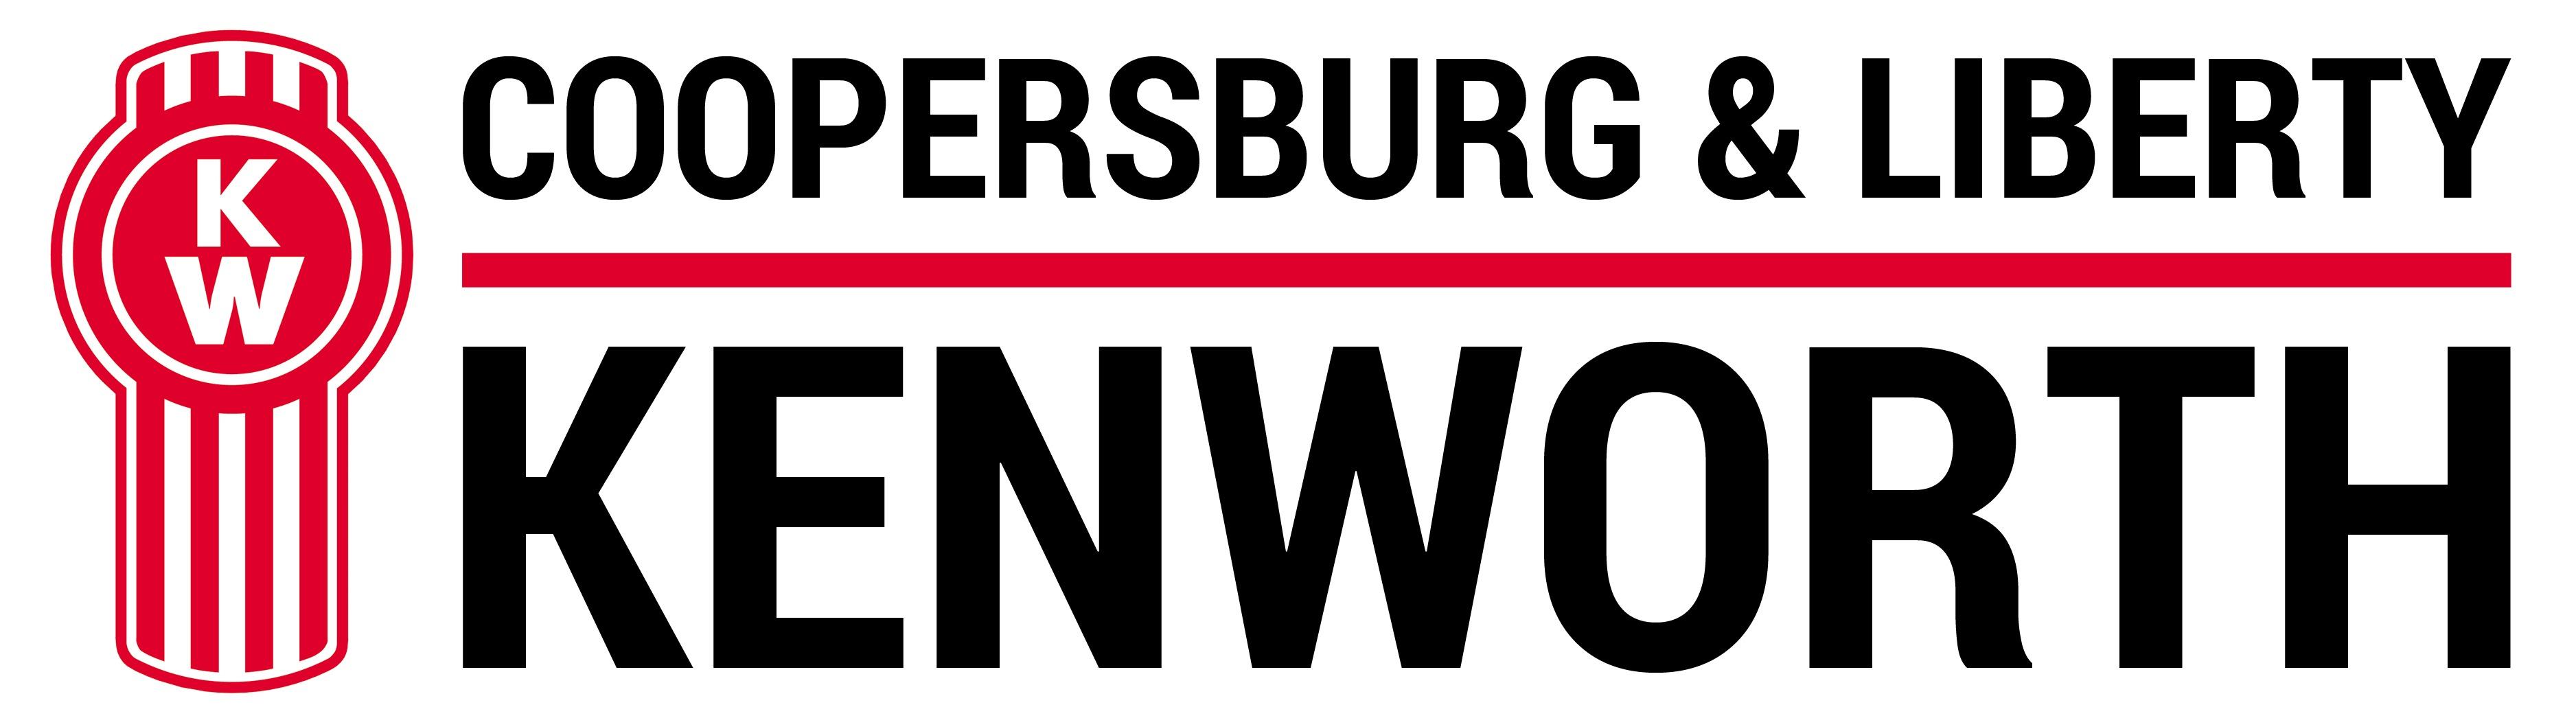 Coopersburg Kenworth